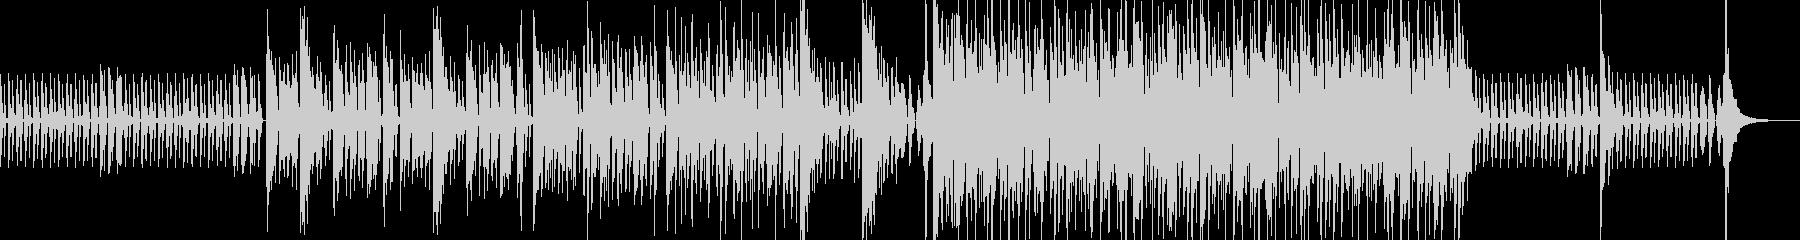 3,2,1のカウントダウン付きのファンクの未再生の波形